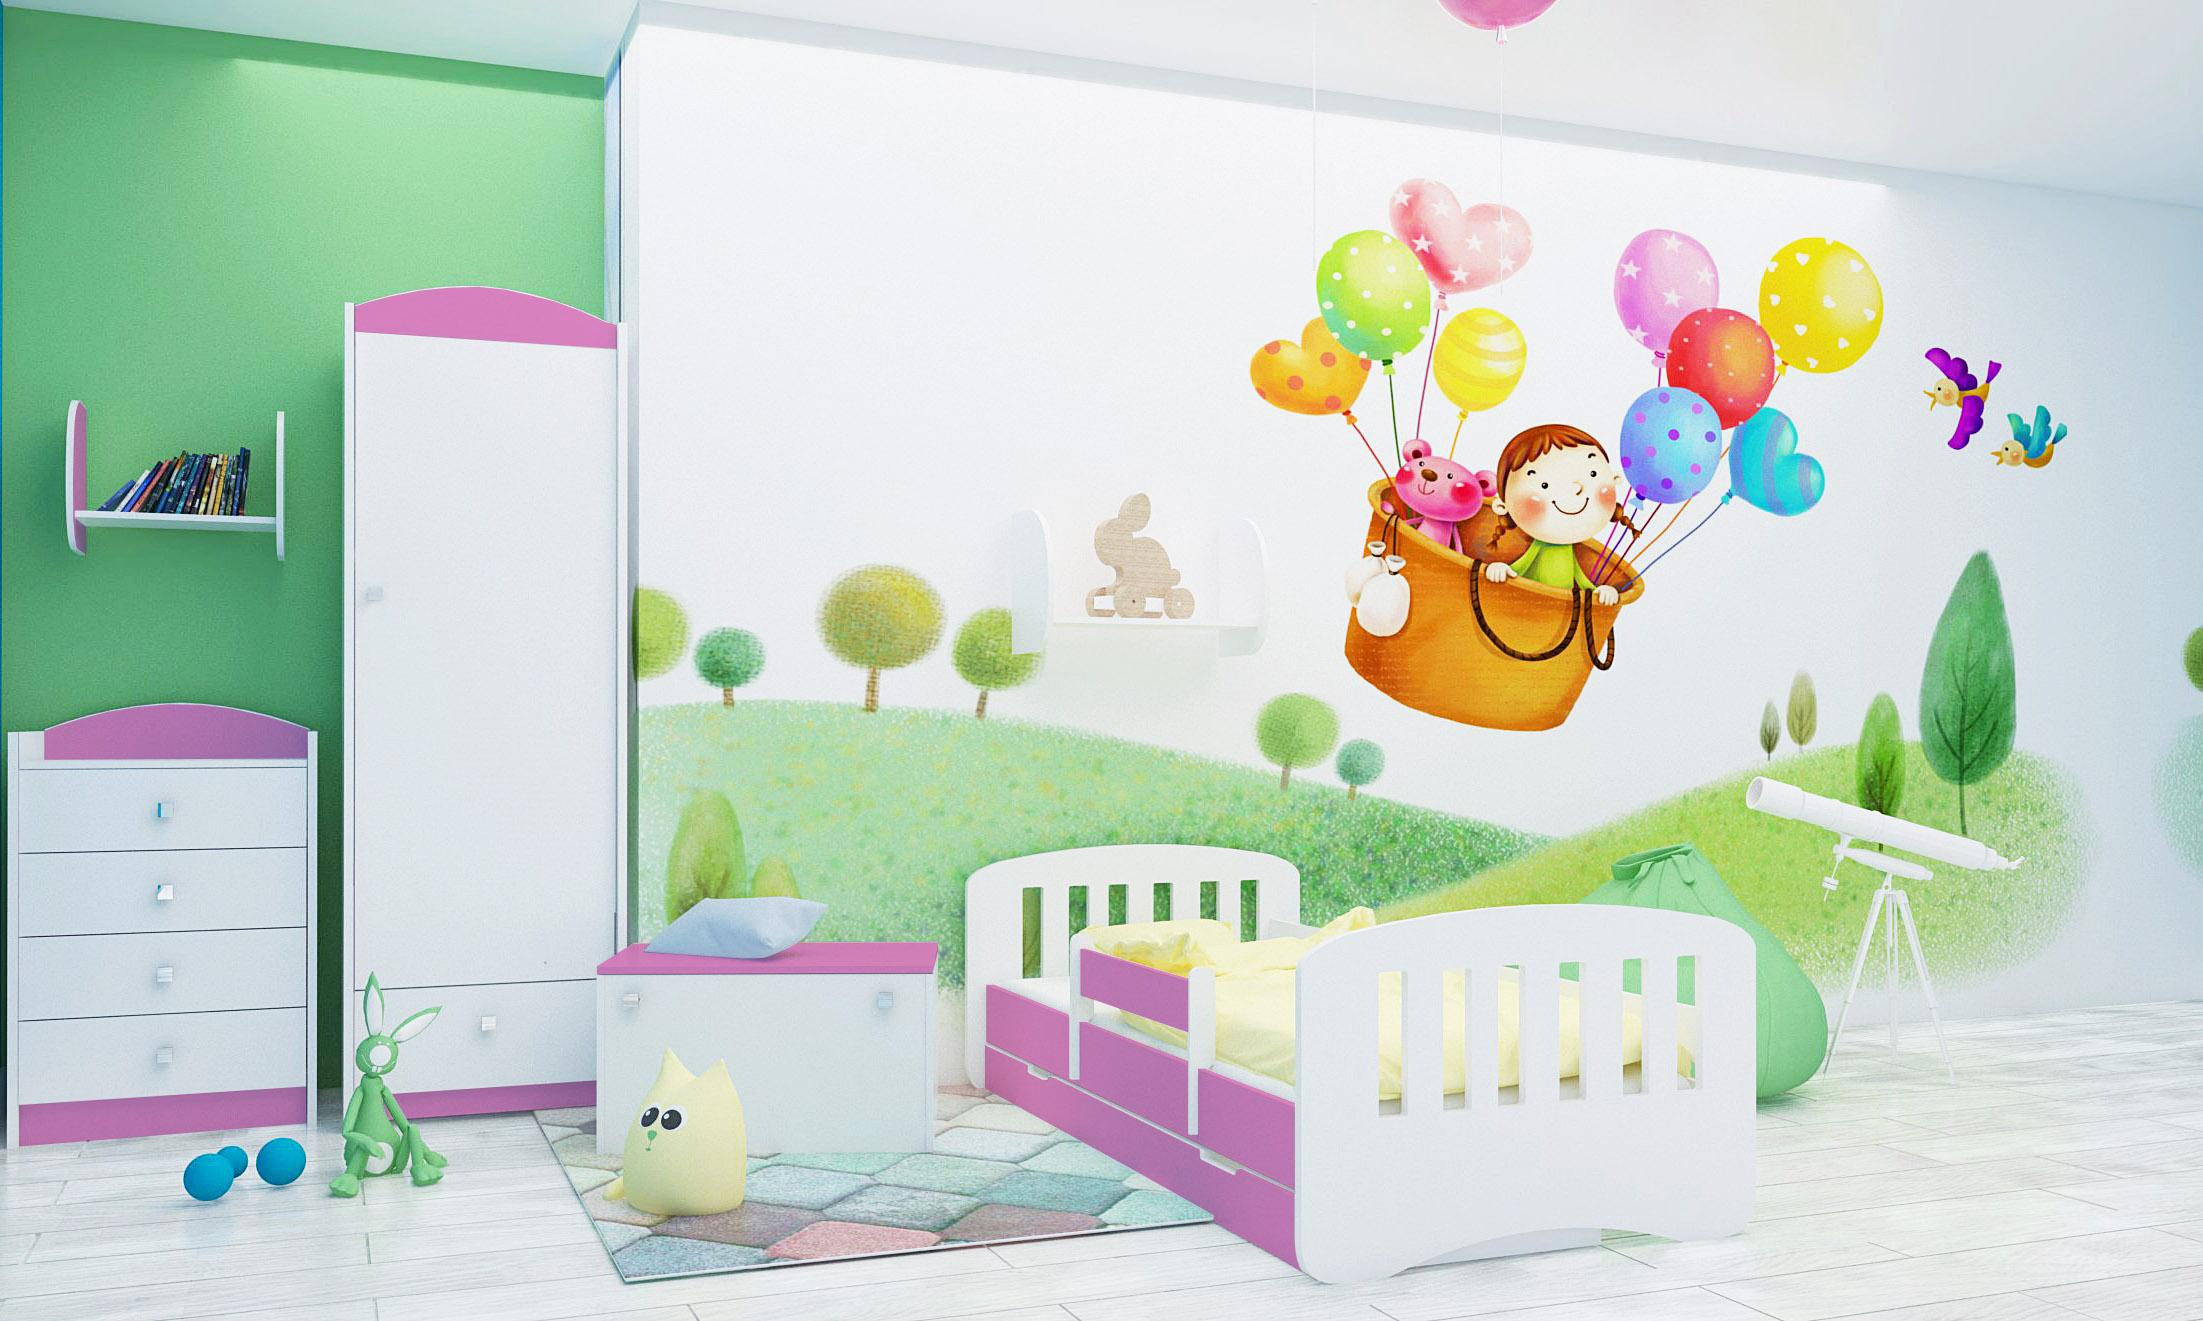 Happy Babies Detská posteľ Happy dizajn/čiarky Farba: Ružová / Biela, Prevedenie: L04 / 80 x 160 cm /S úložným priestorom, Obrázok: Čiarky